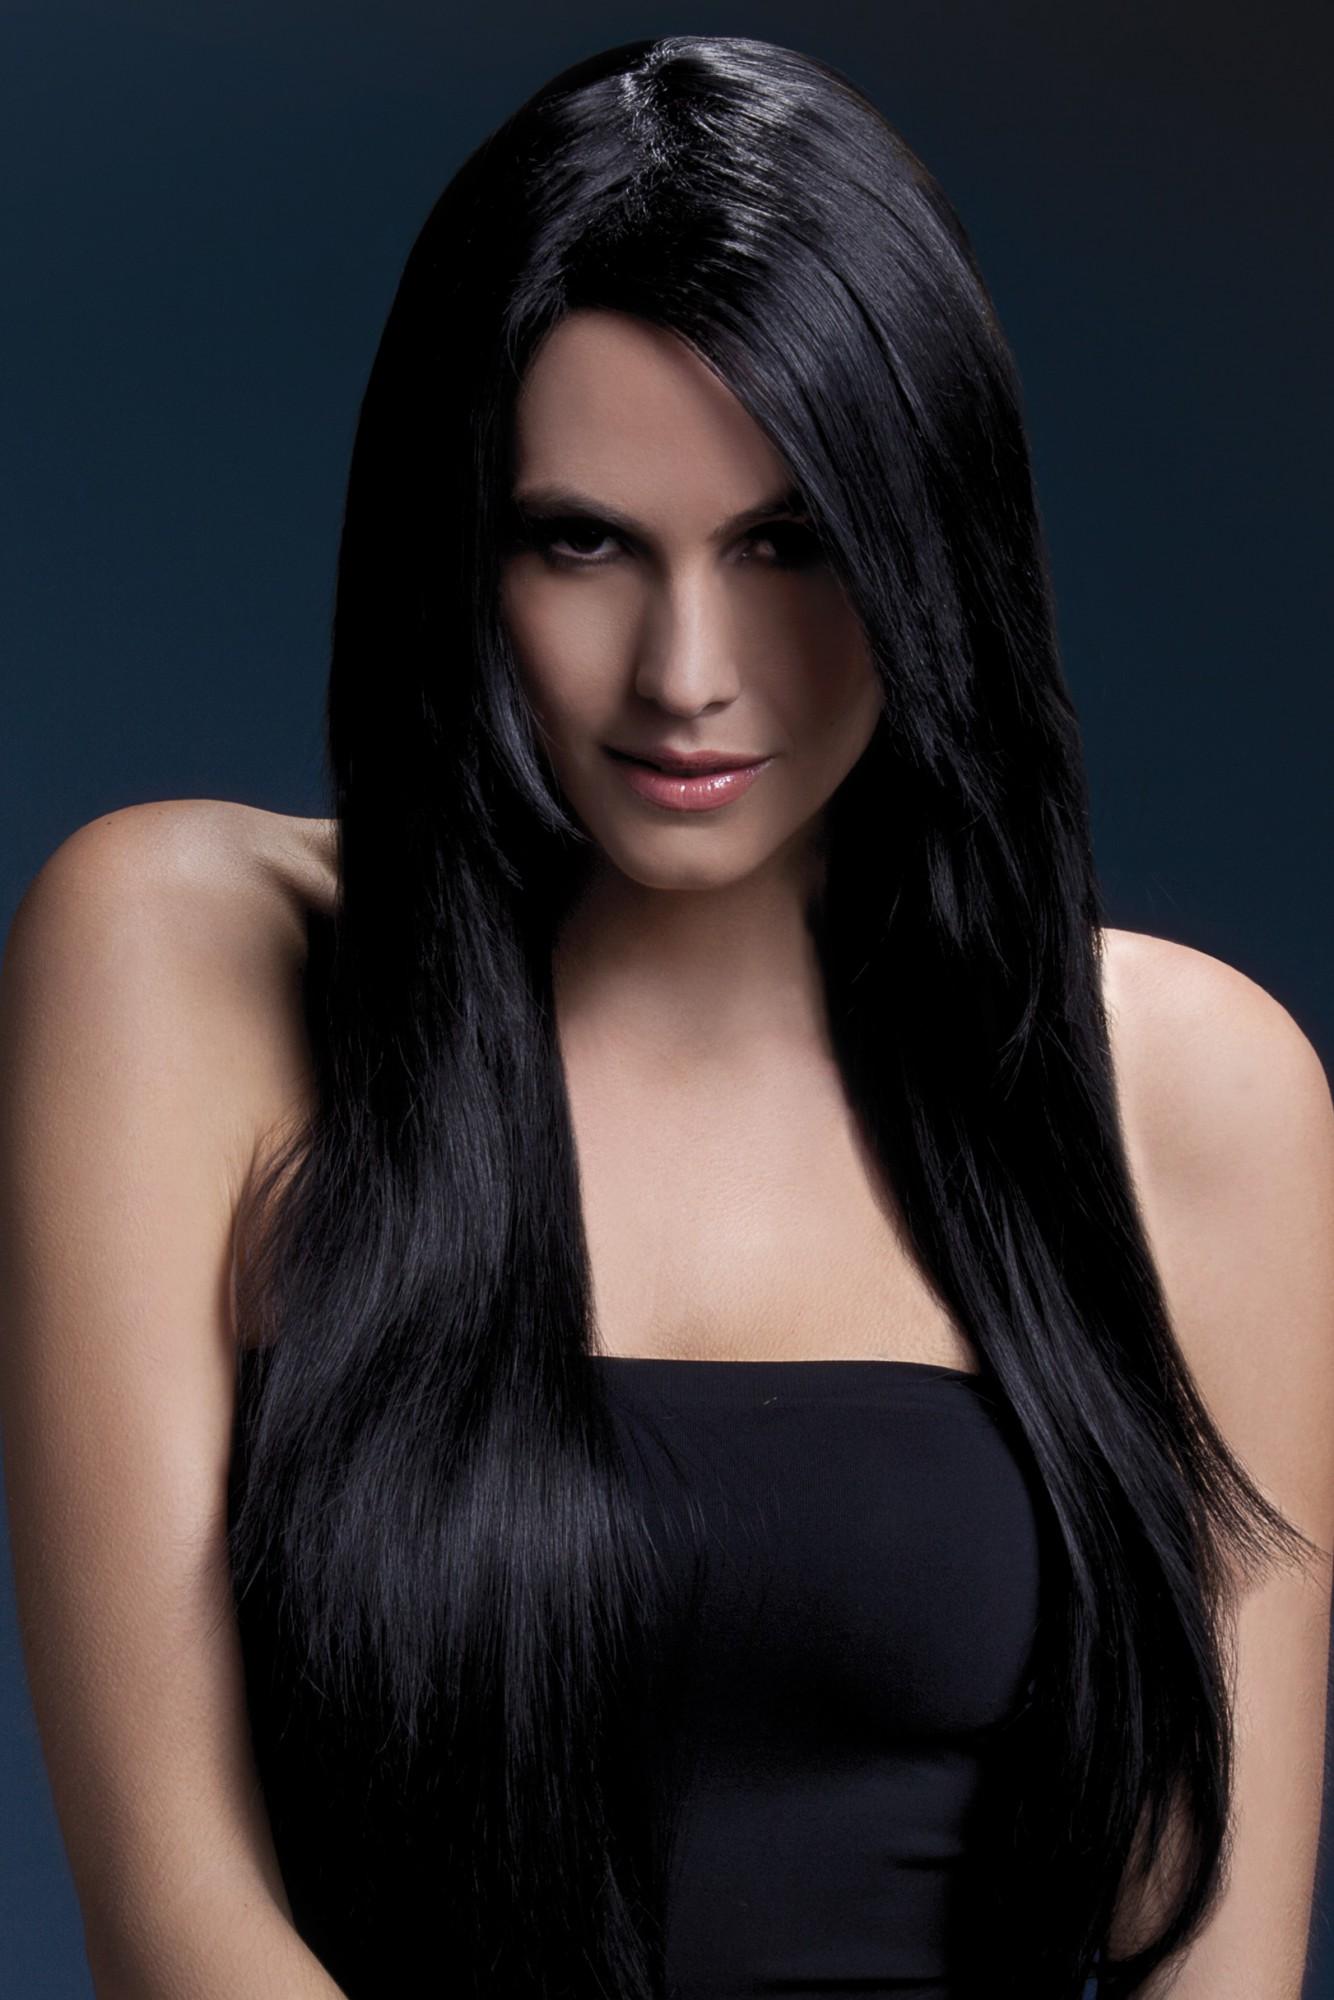 будто думаем, самые красивые девушки с черными волосами девочка, спящая ангельским